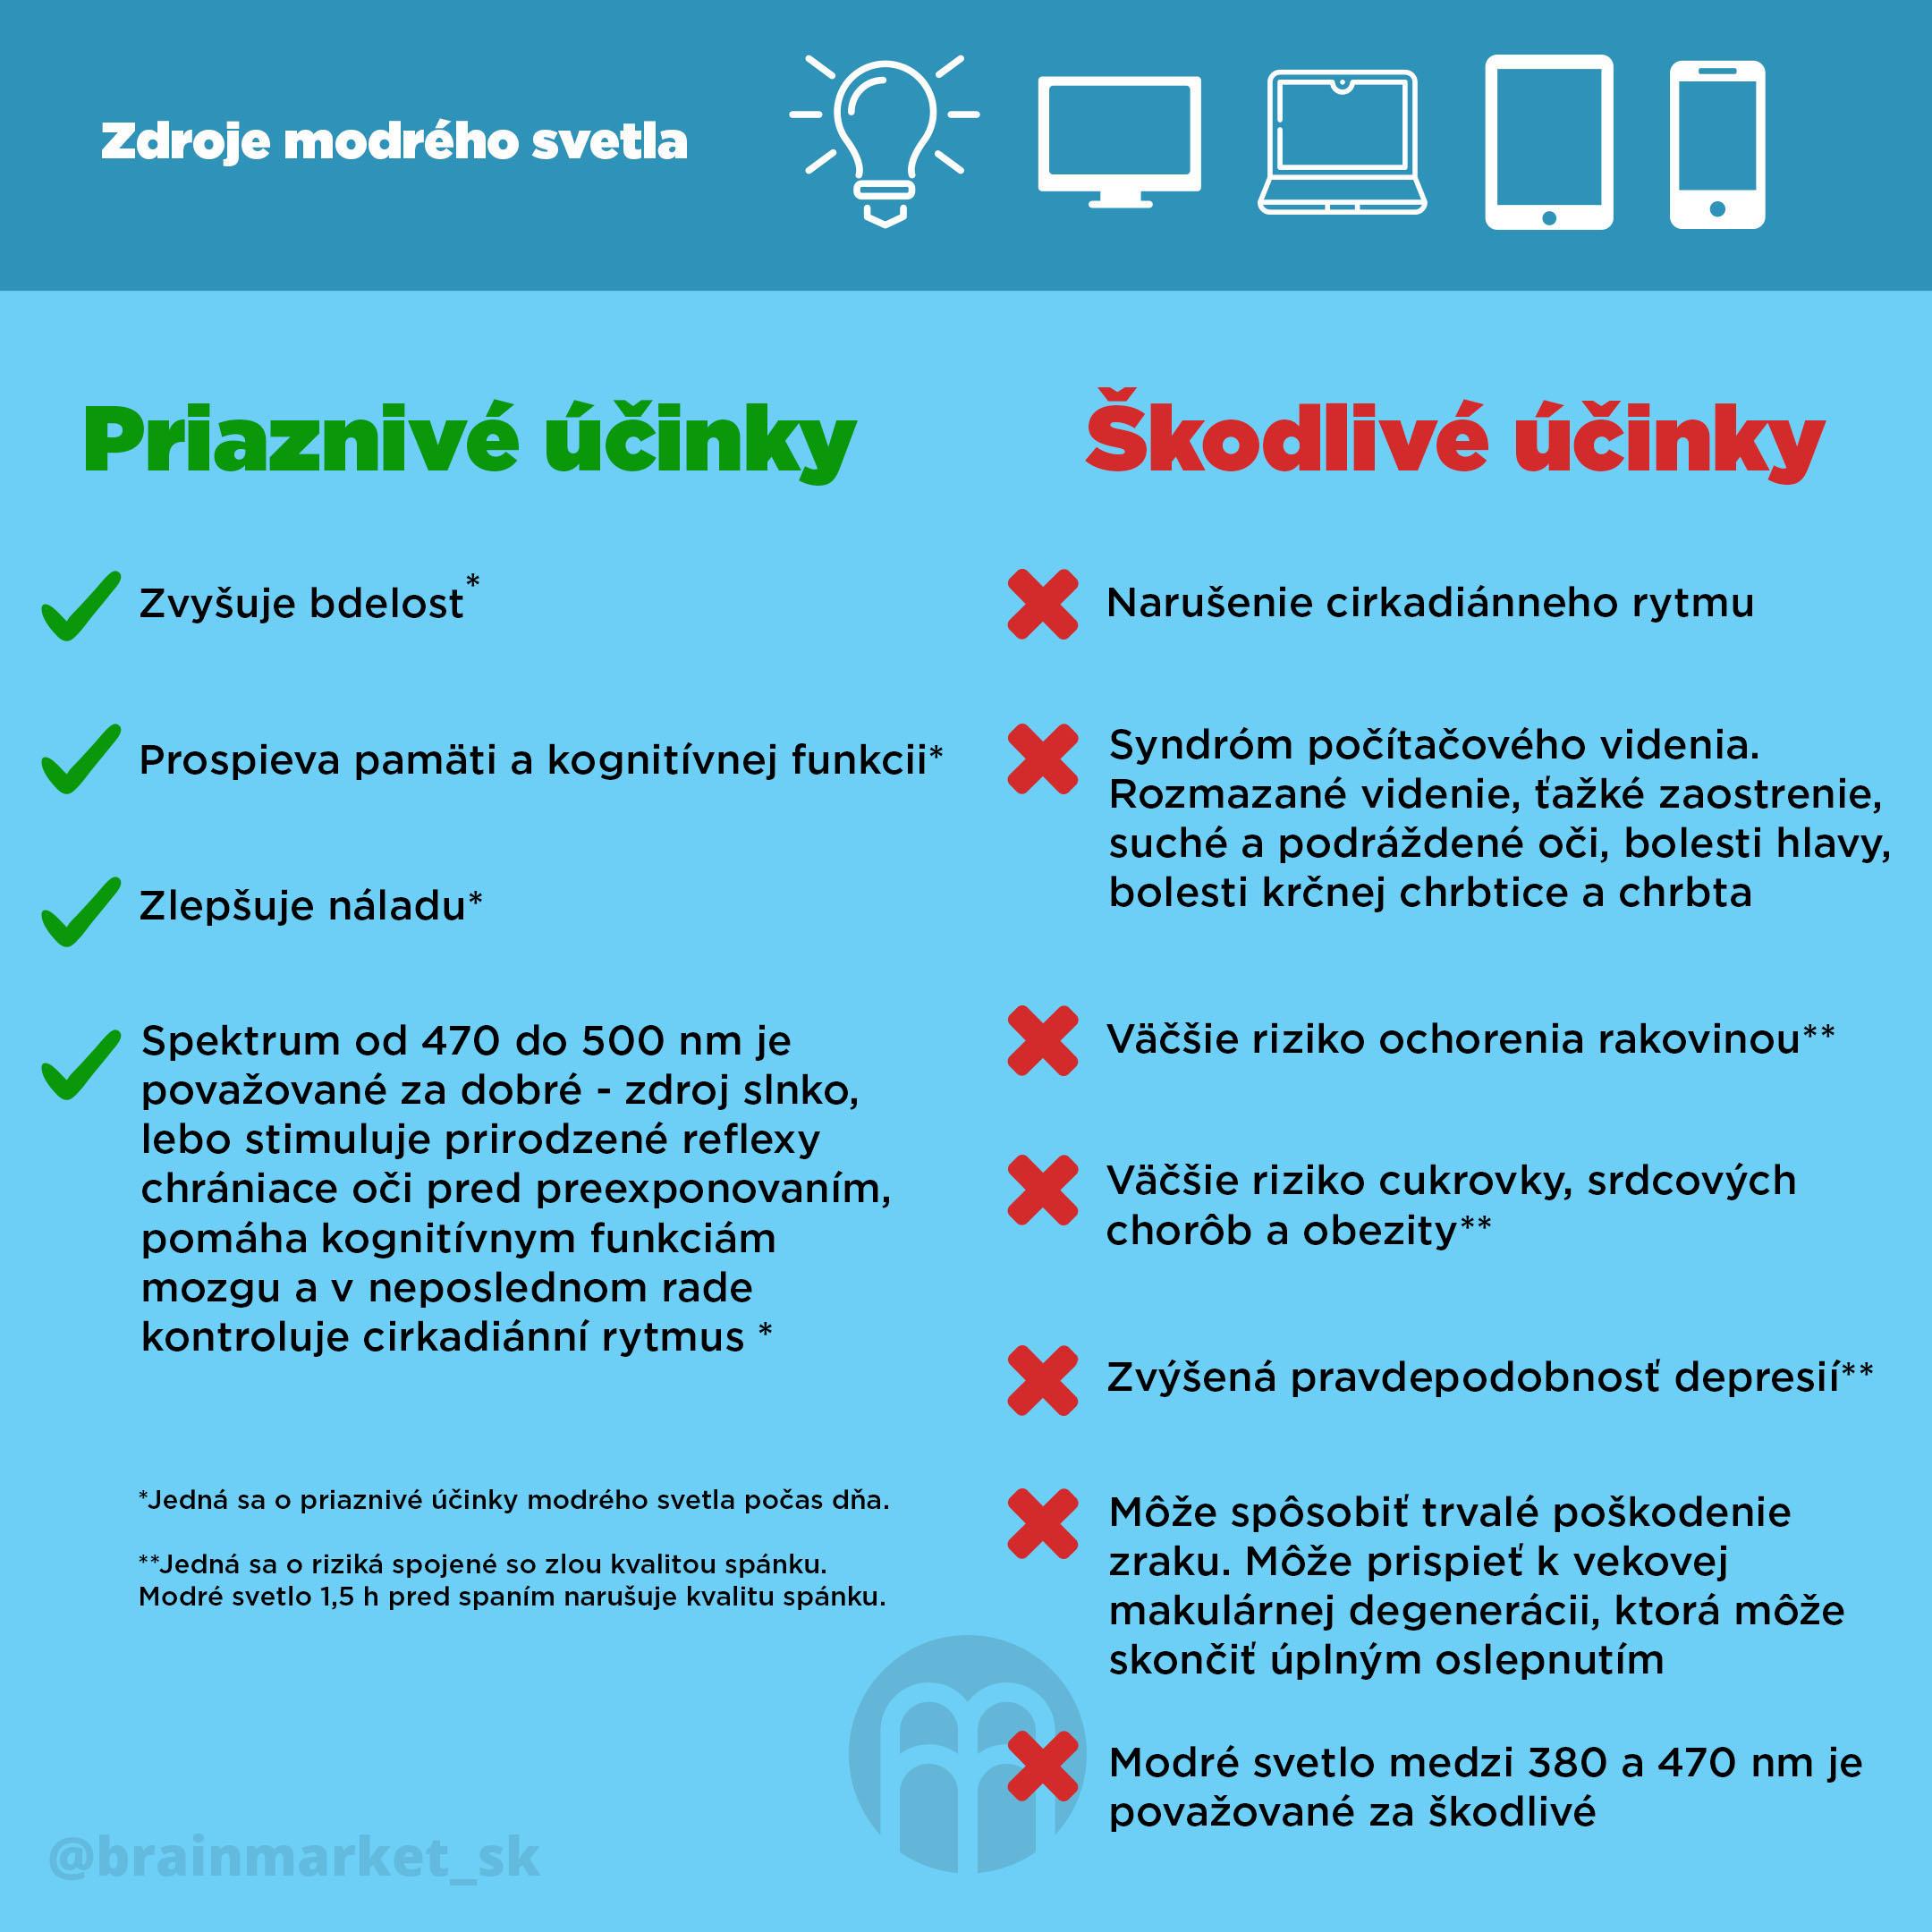 zdroje_modreho_svetla_infografika_brainmarket_SK_1